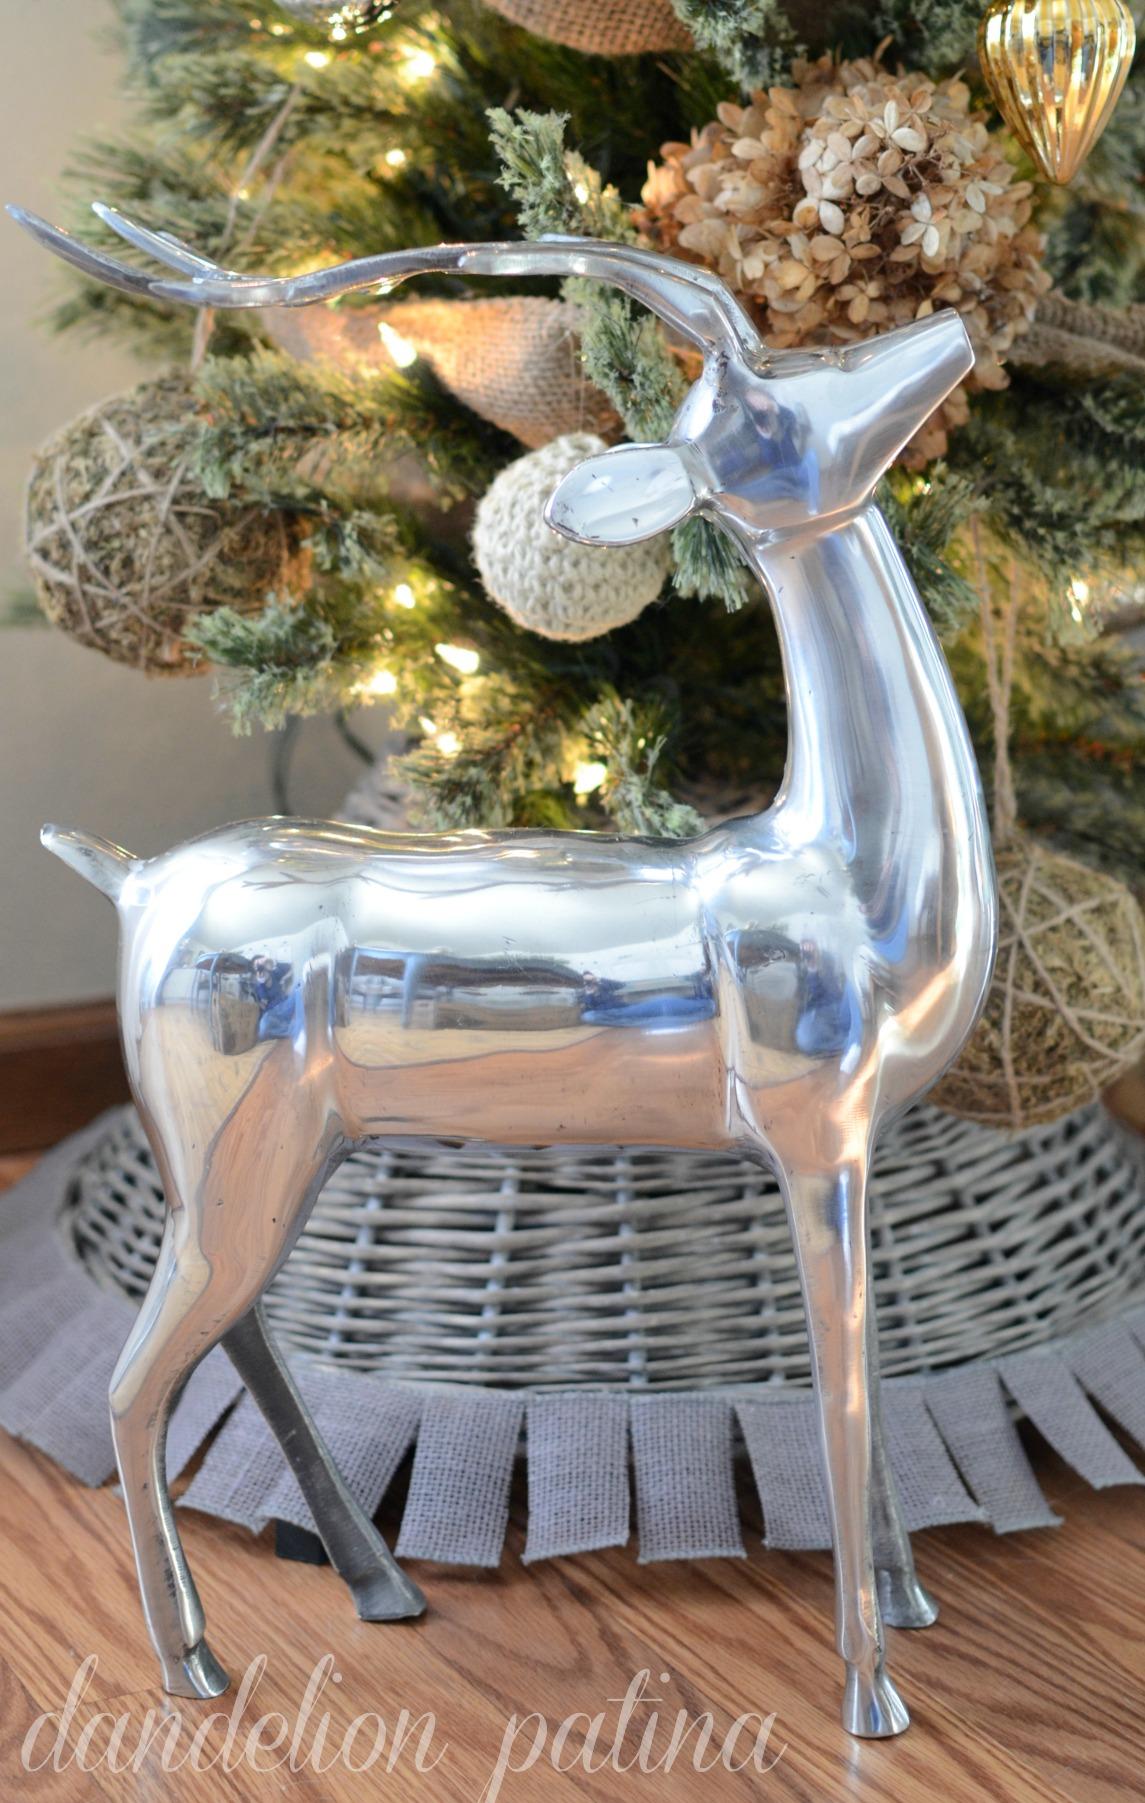 silver metal statue of reindeer